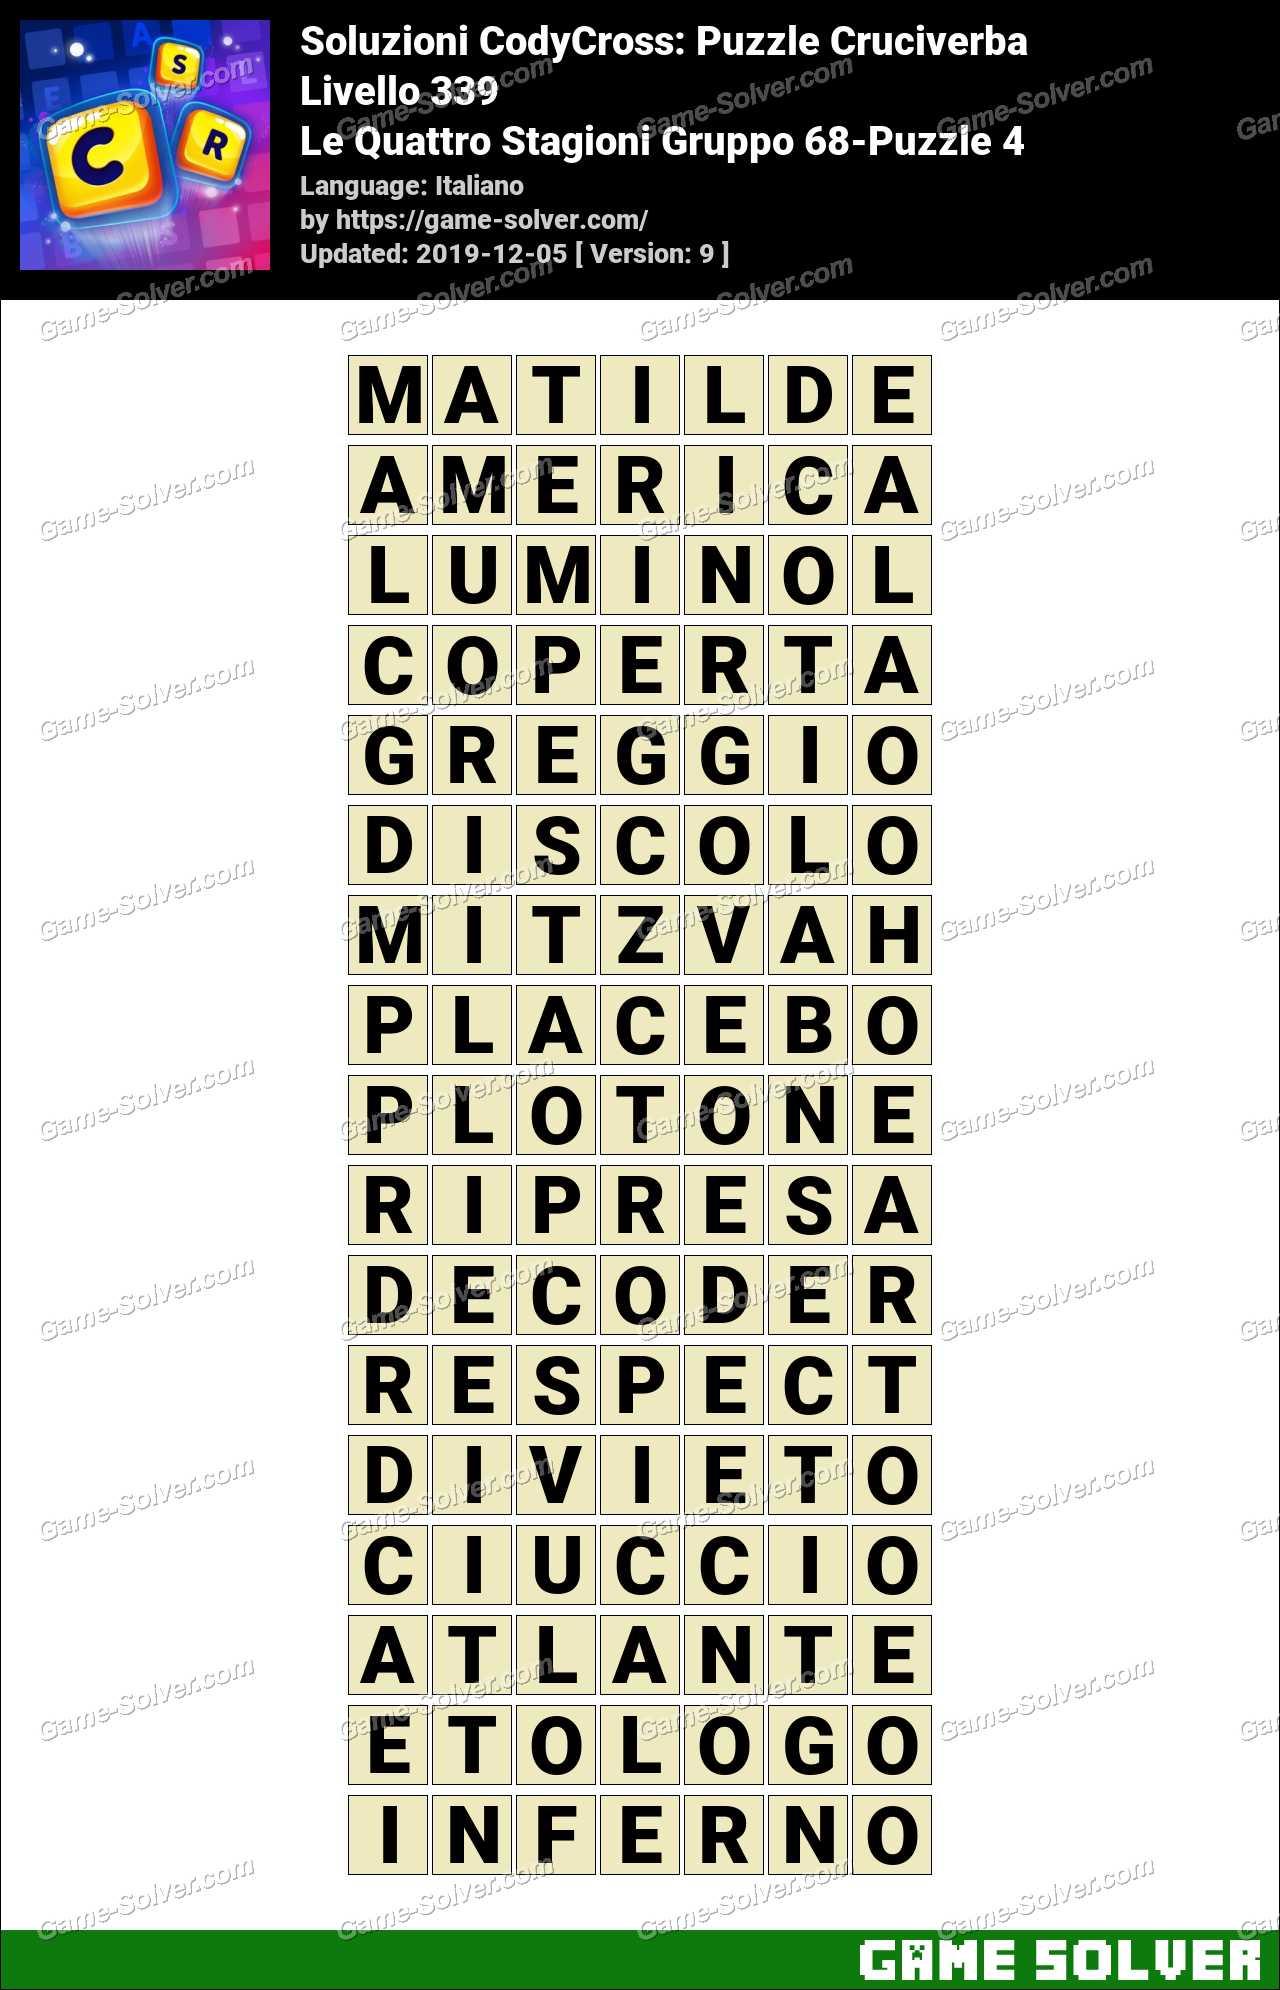 Soluzioni CodyCross Le Quattro Stagioni Gruppo 68-Puzzle 4